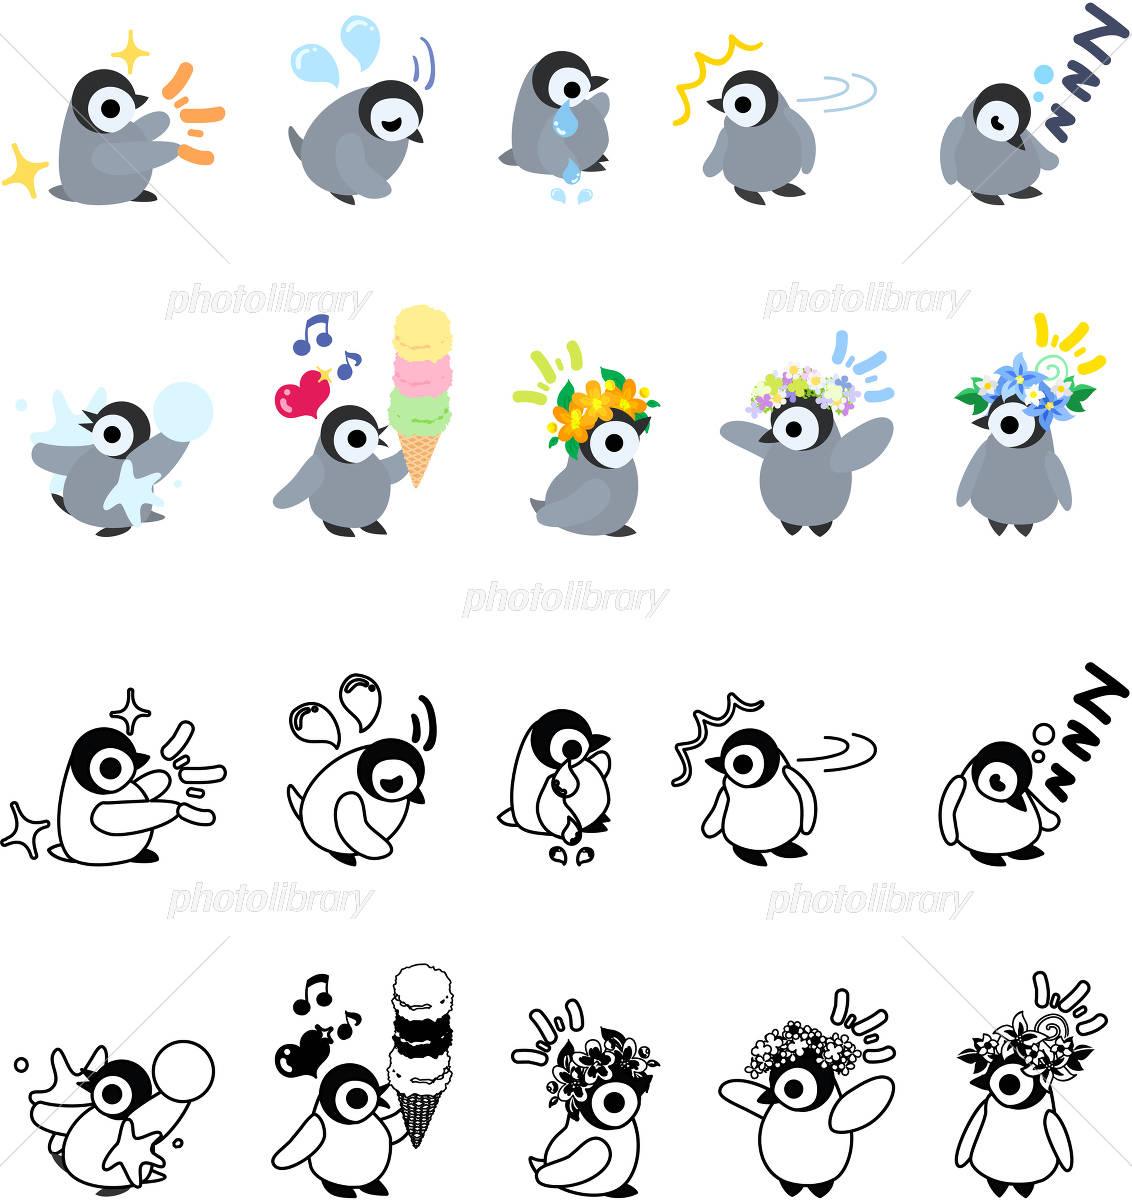 可愛い赤ちゃんペンギンのアイコン イラスト素材 4407487 フォト